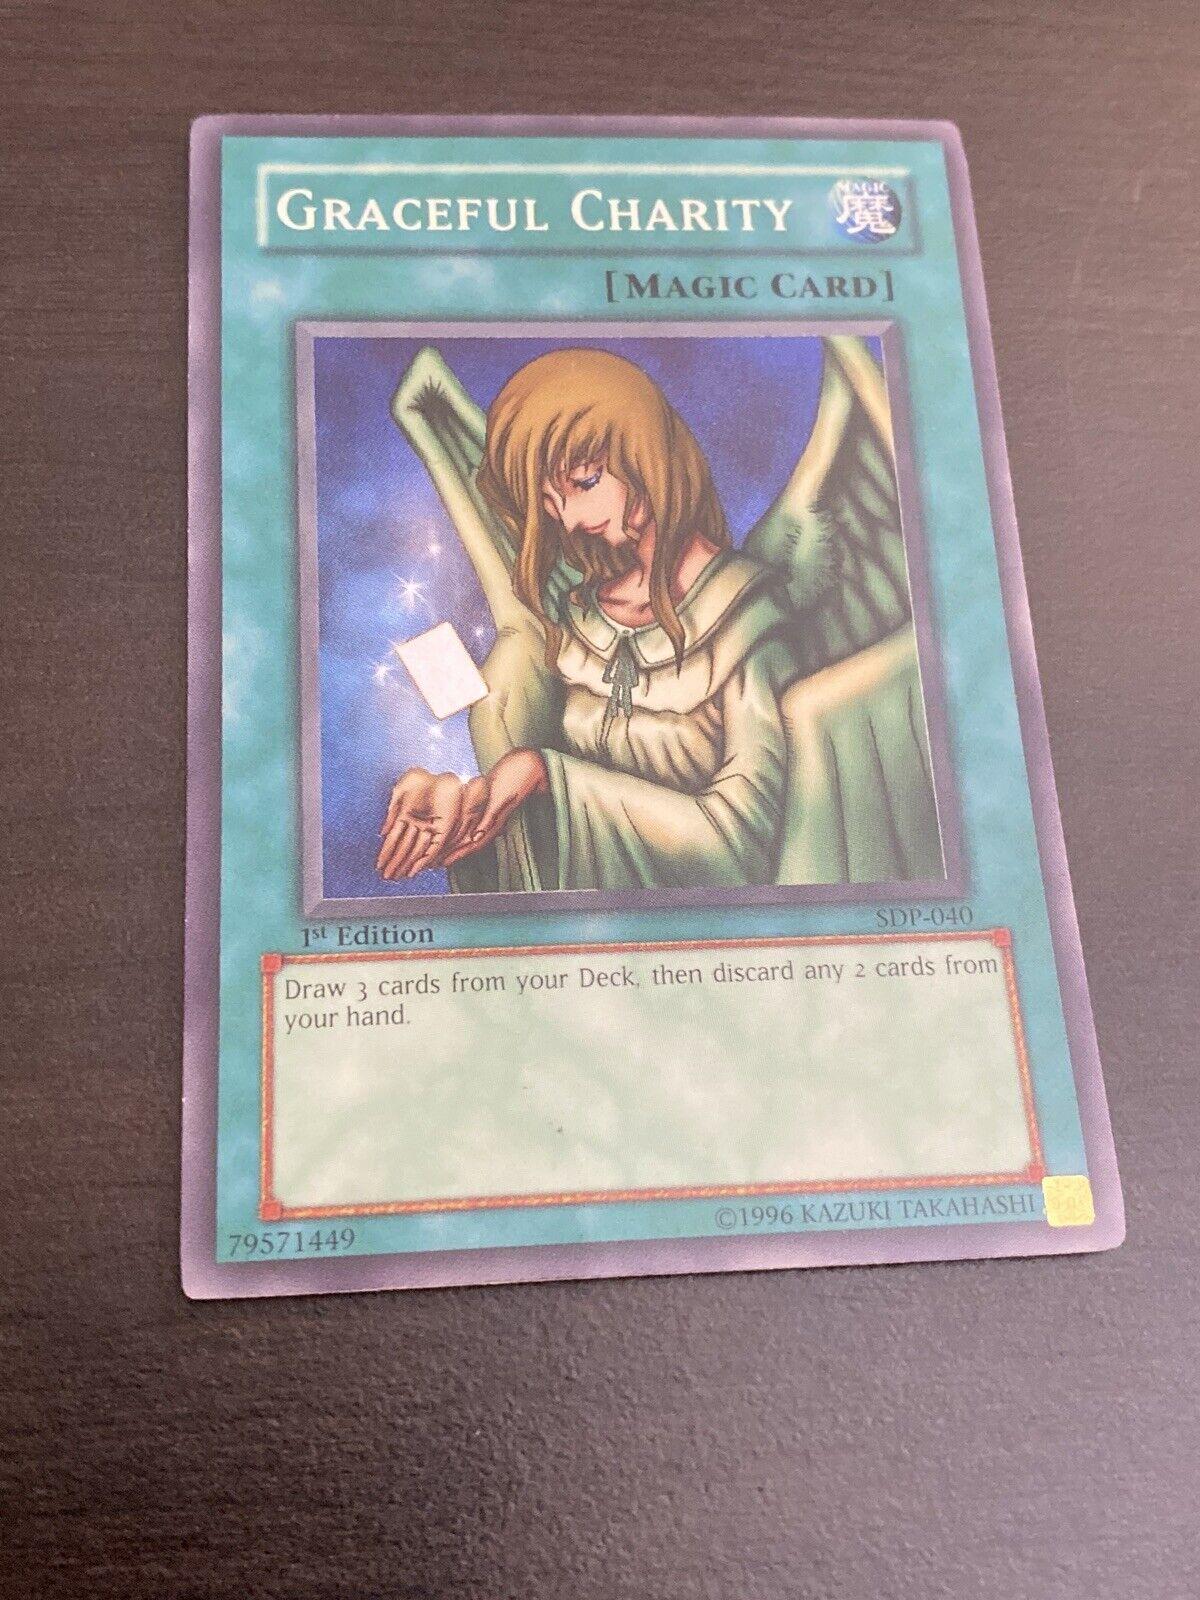 MP Yu-Gi-Oh Super Rare Graceful Charity SDP-040